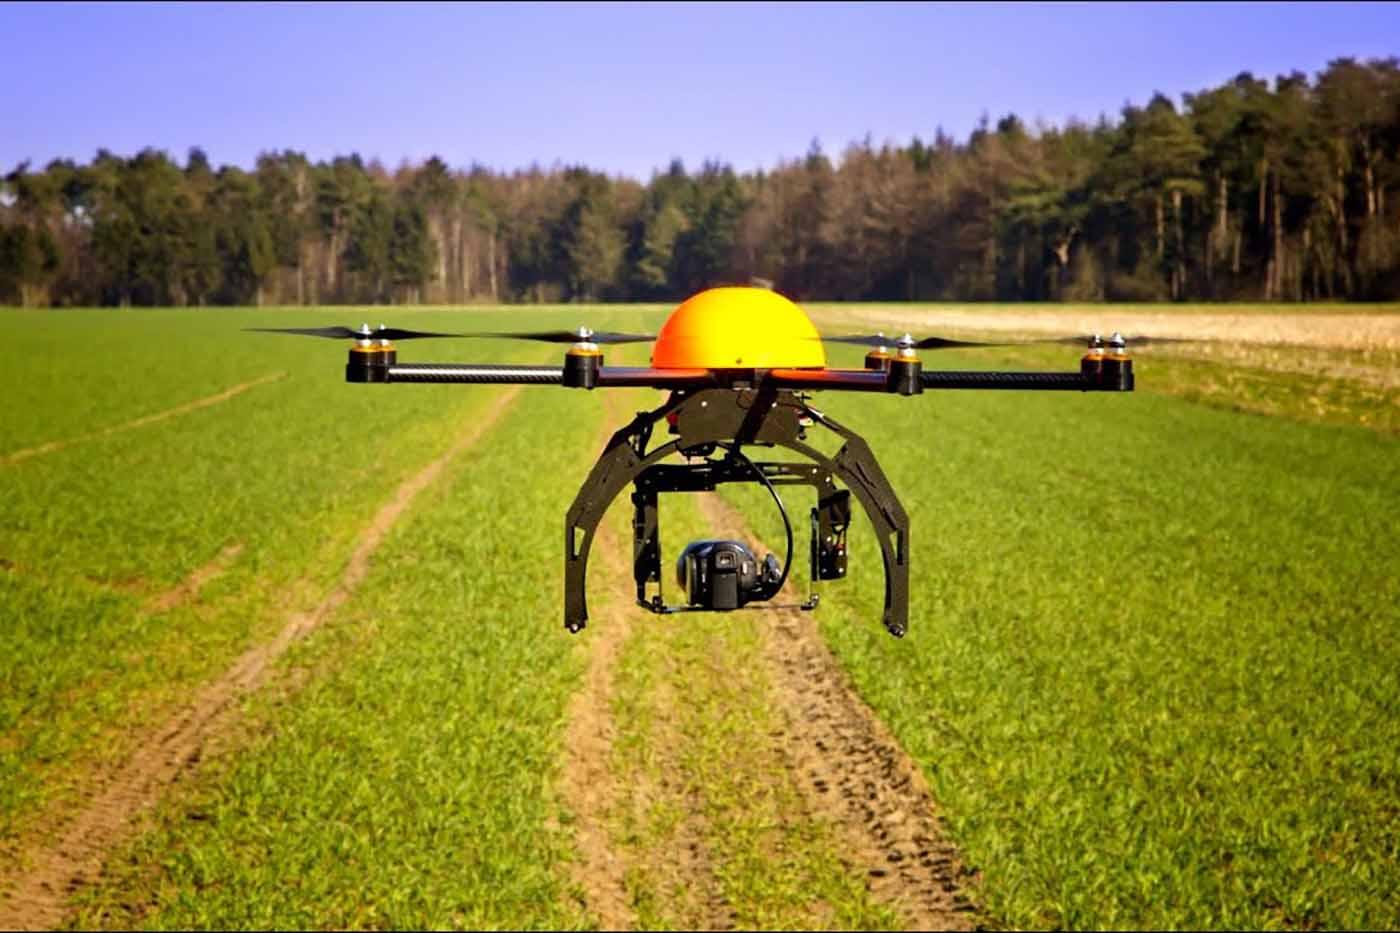 Ağaç diken drone'lar ormanların kurtarılmasına yardım edebilir